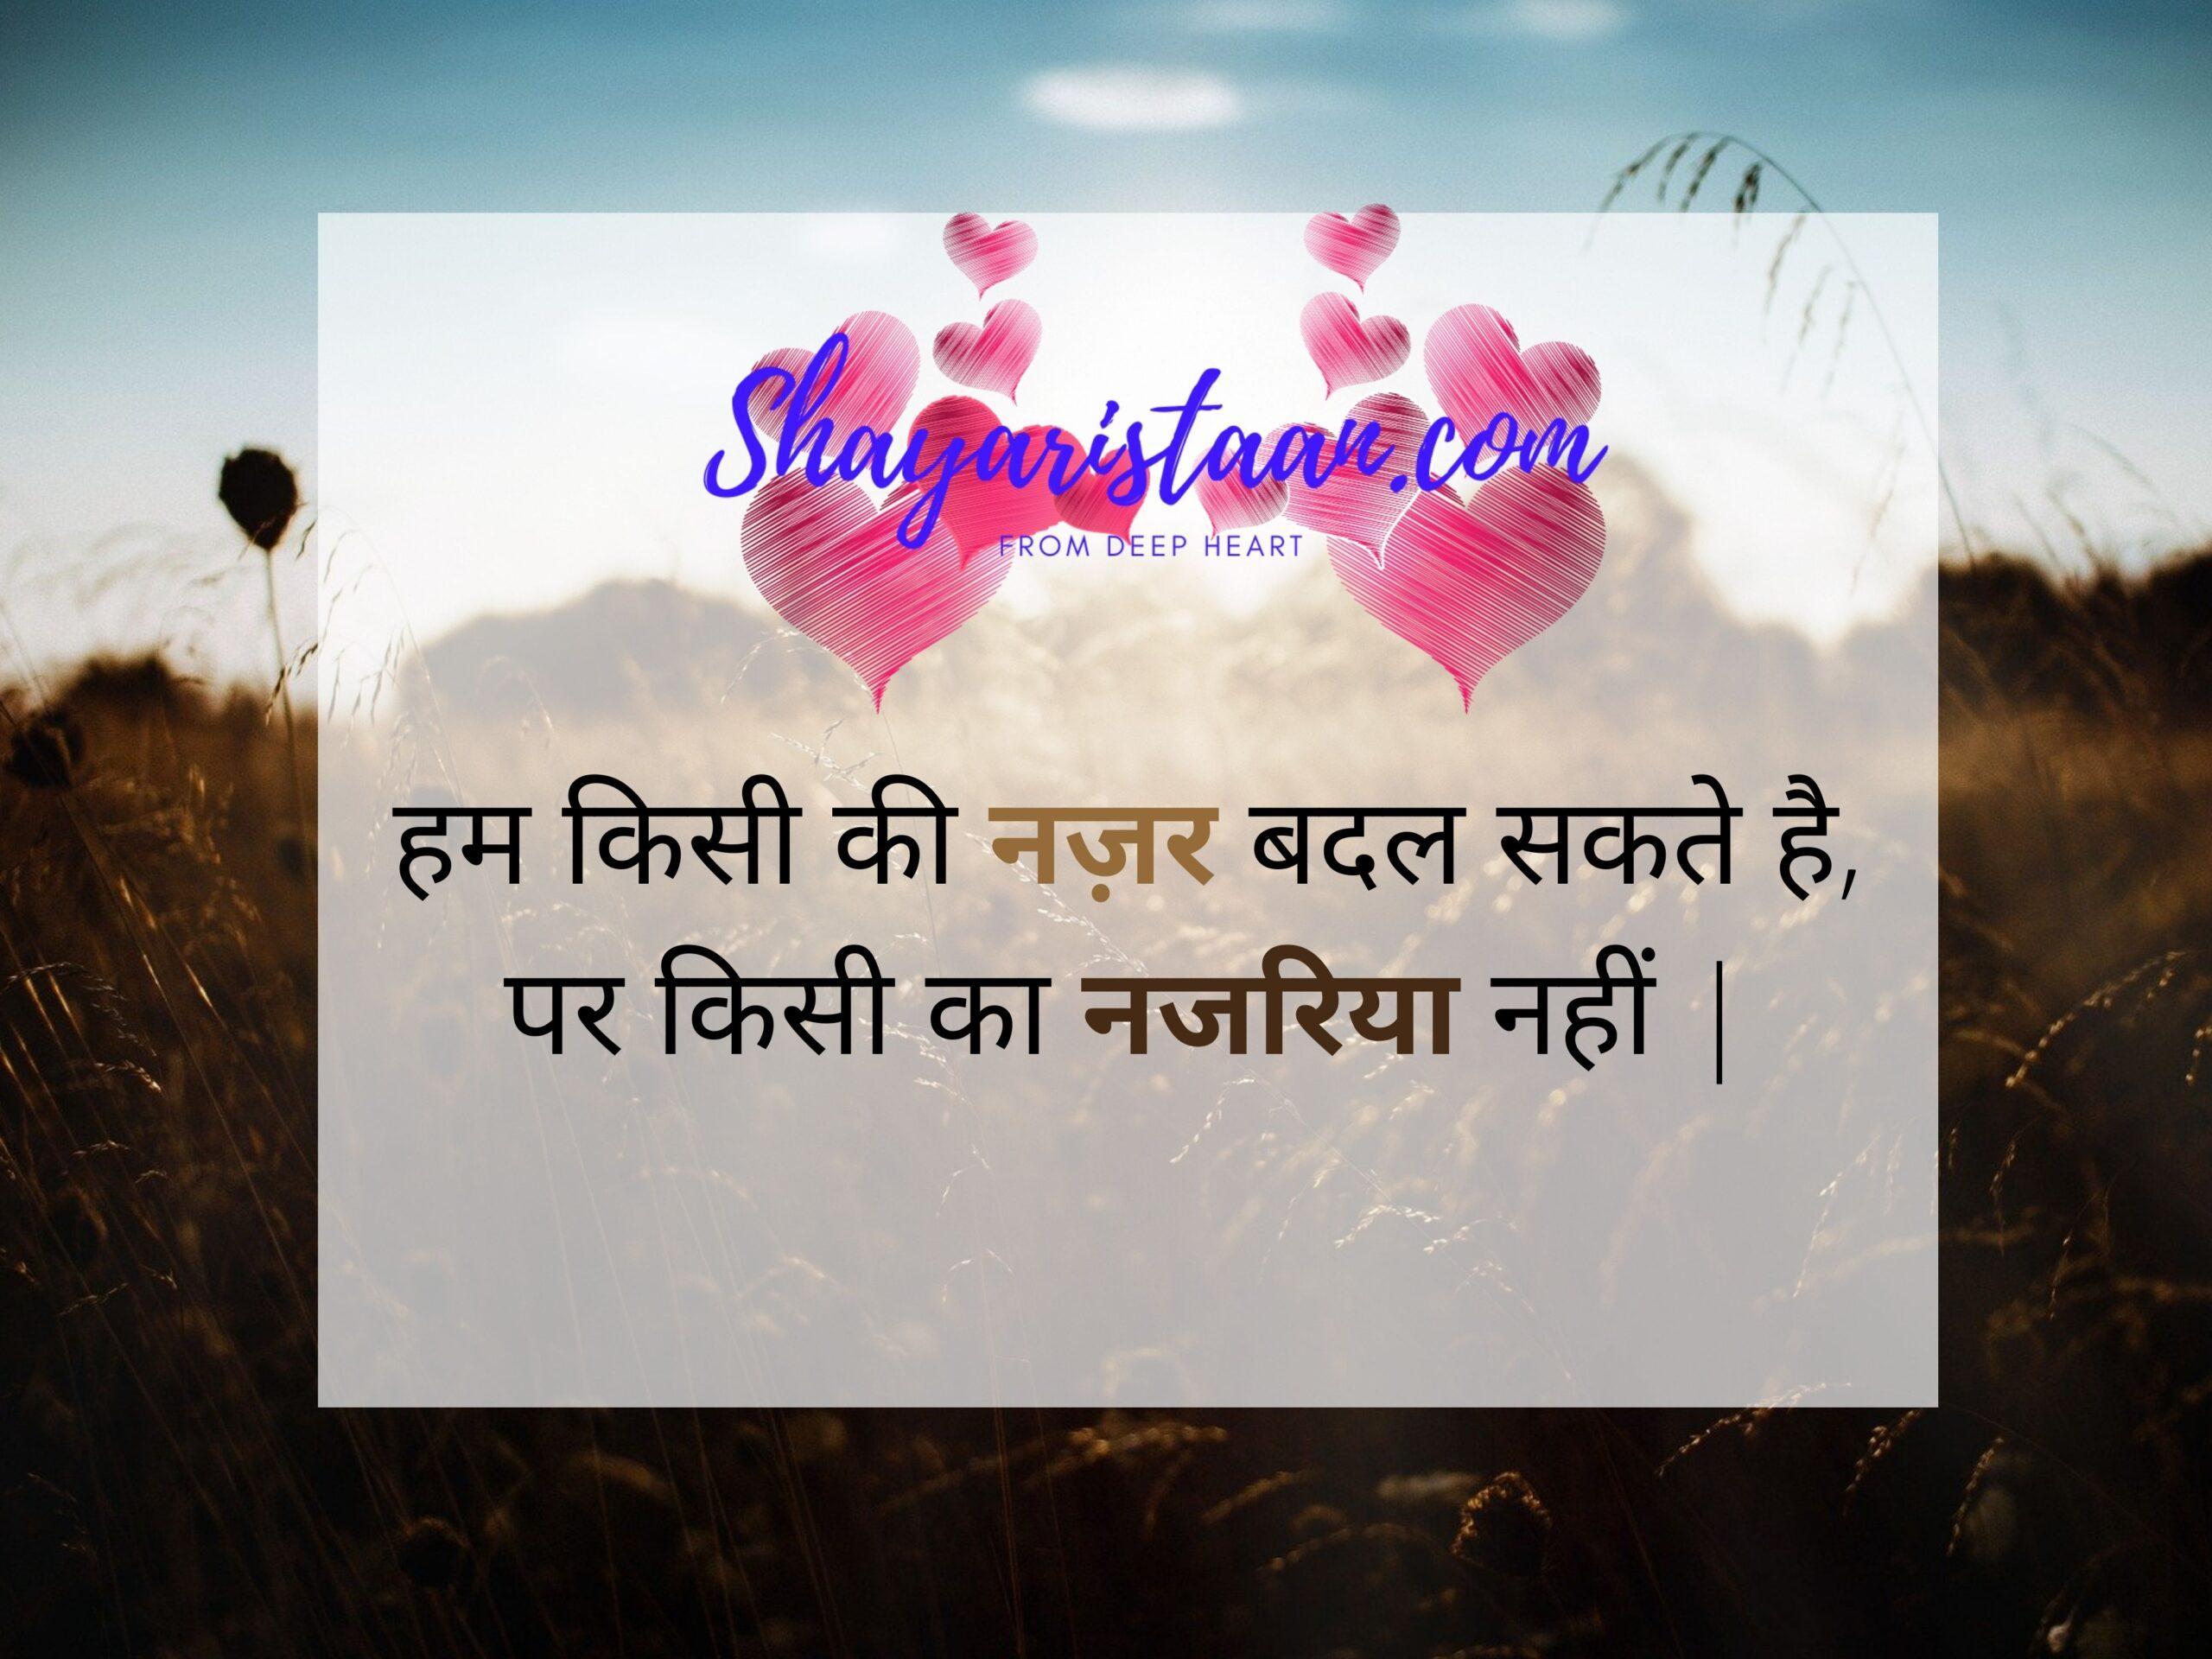 zindagi quotes in hindi | हम किसी की नज़र बदल सकते है, पर किसी का नजरिया नहीं |